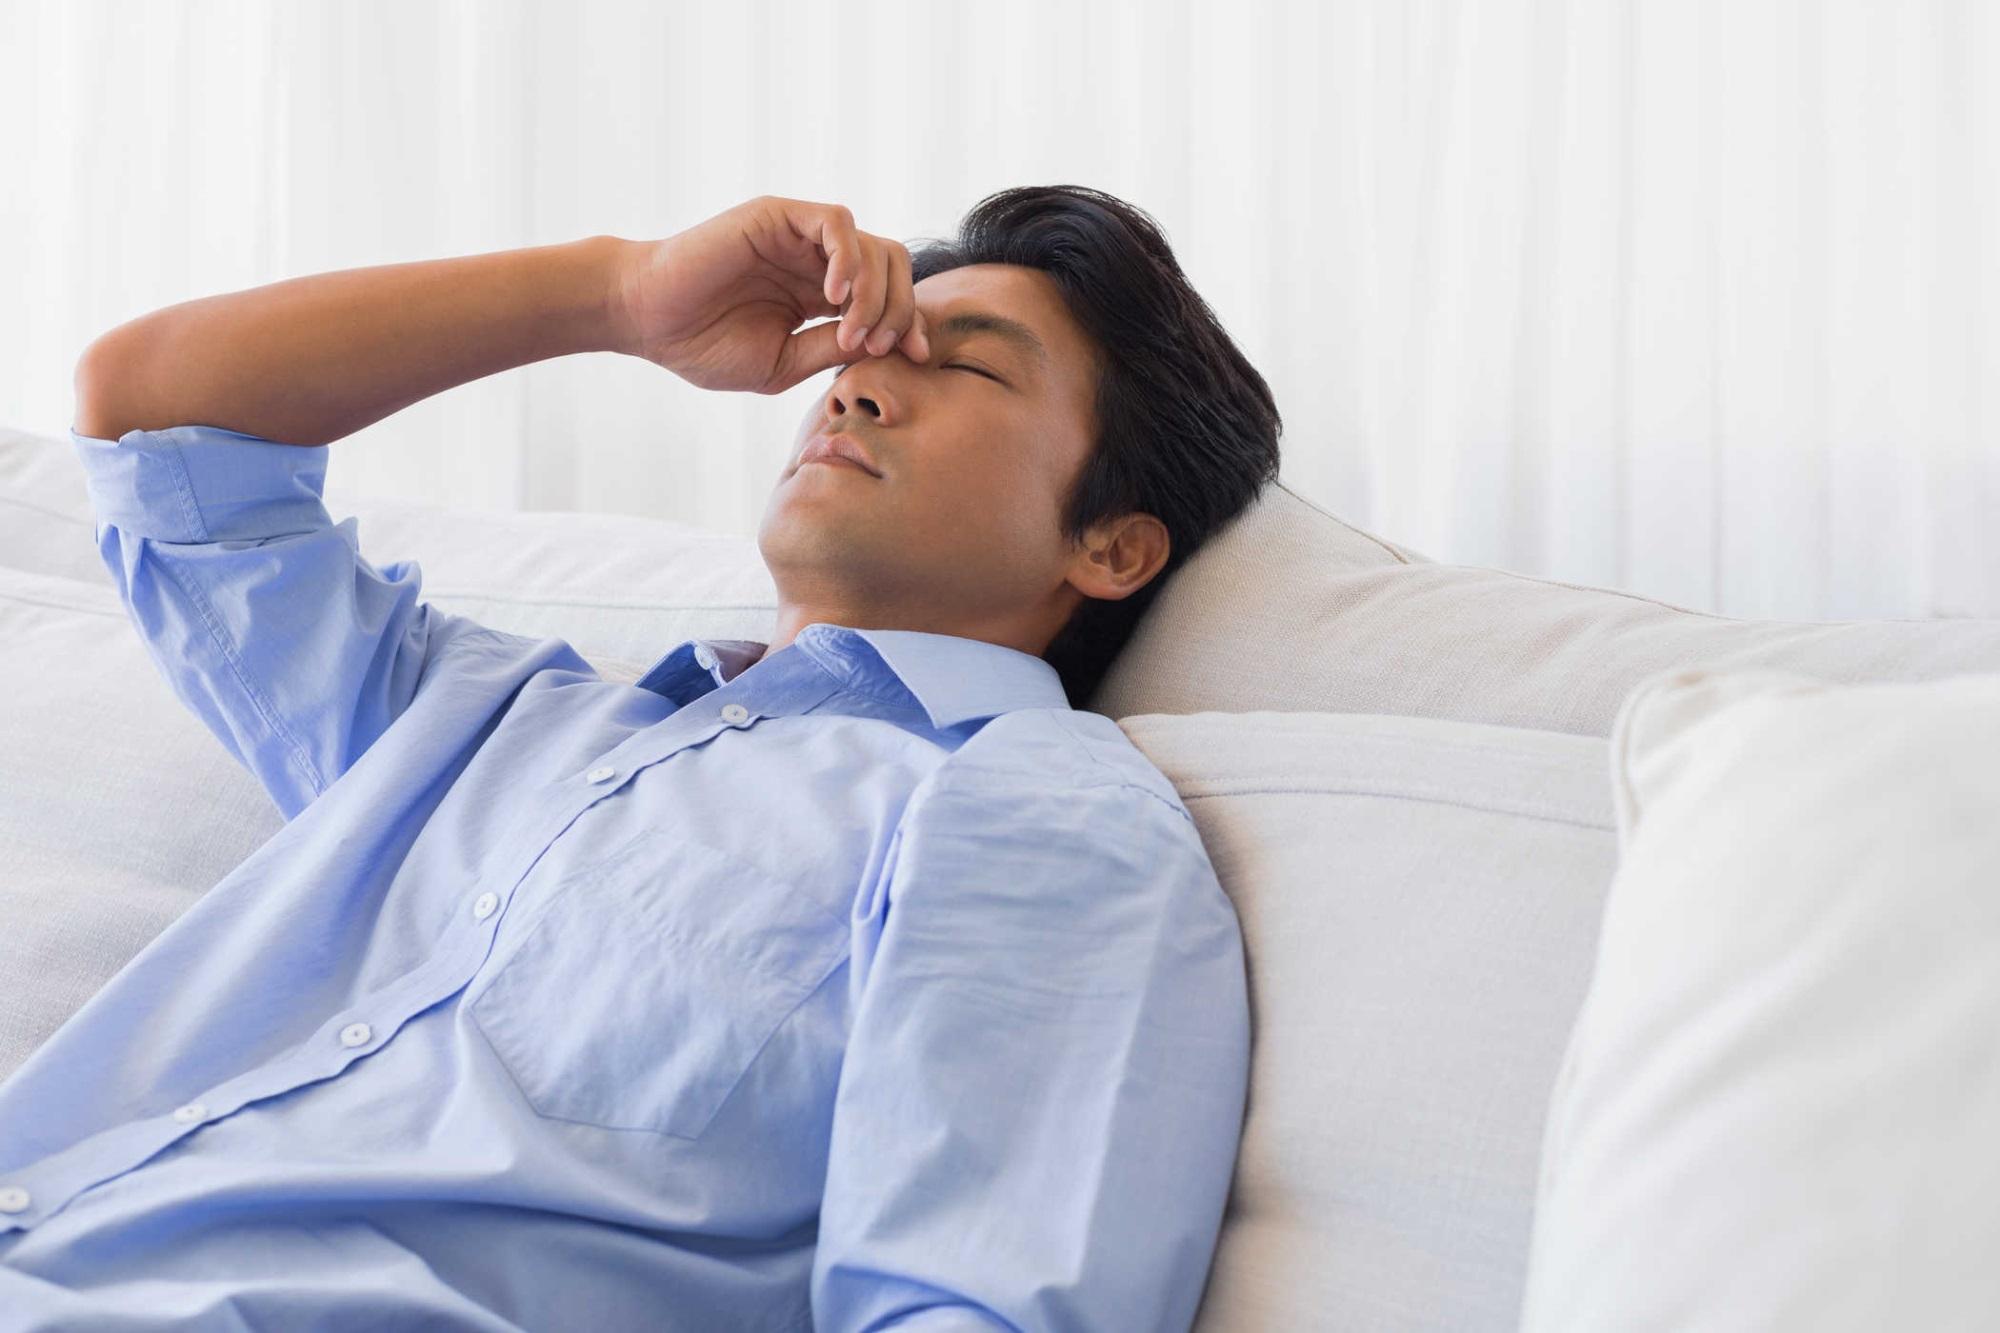 7 lý do tại sao lúc nào bạn cũng cảm thấy buồn ngủ - Ảnh 2